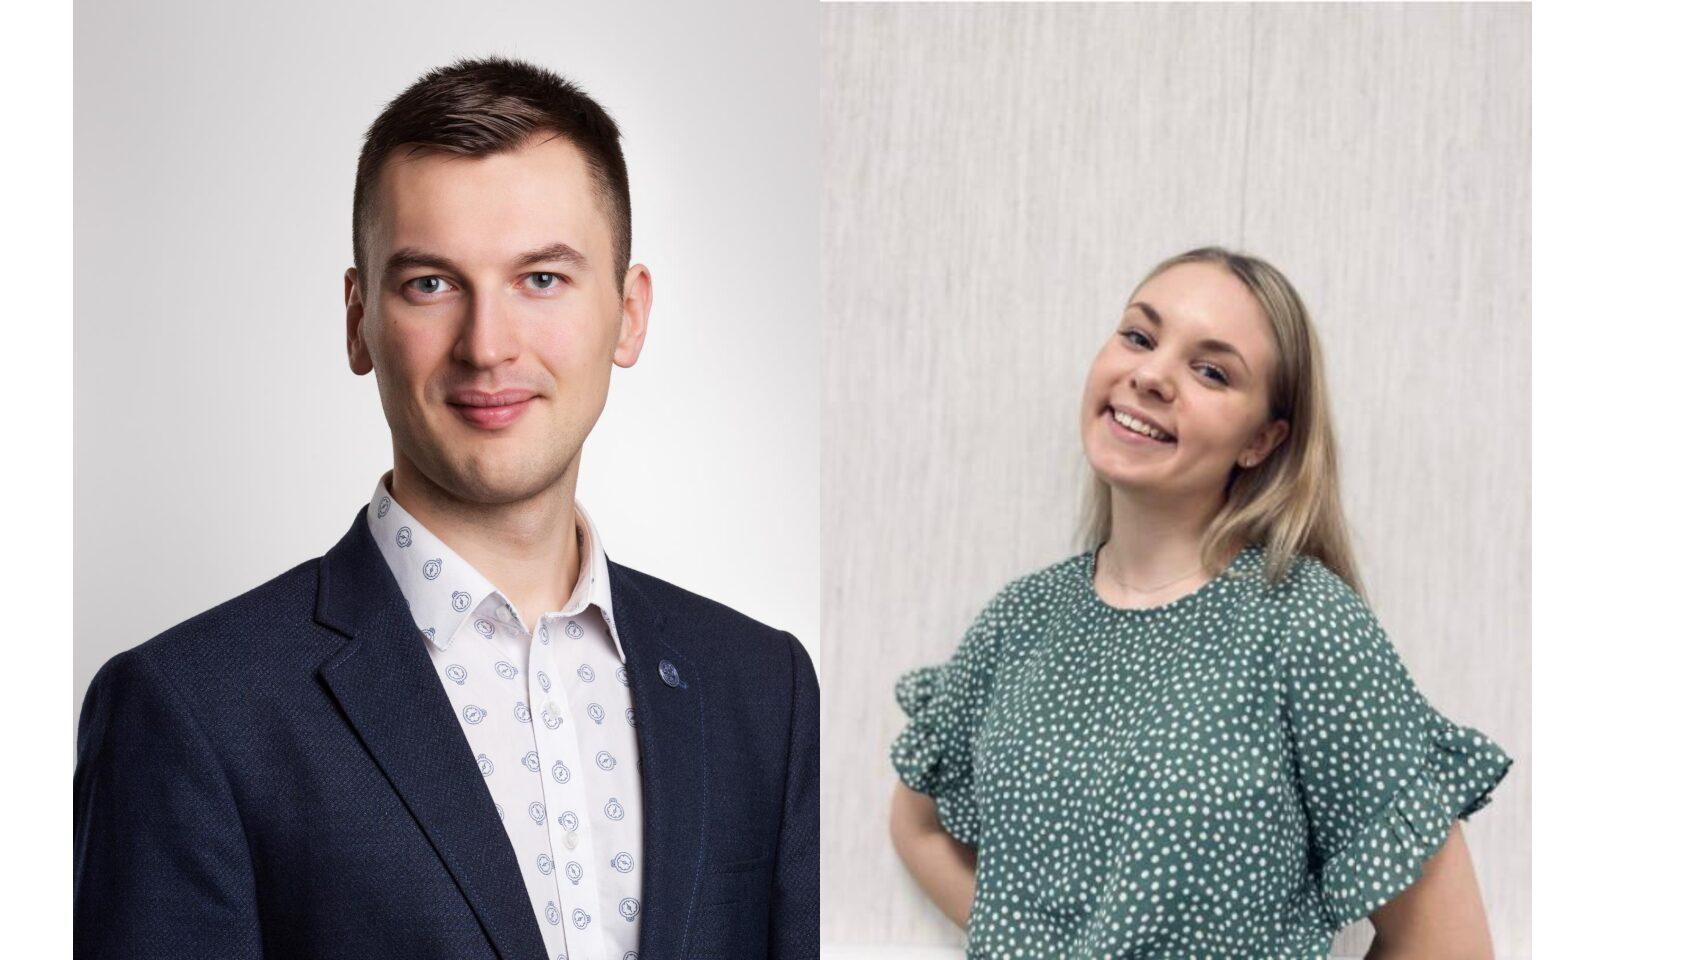 Varsinais-Suomen Kokoomusnuoret tukee Aino Kovalaista ja Arvi Tolvasta Kokoomuksen Nuorten Liiton liittohallitukseen